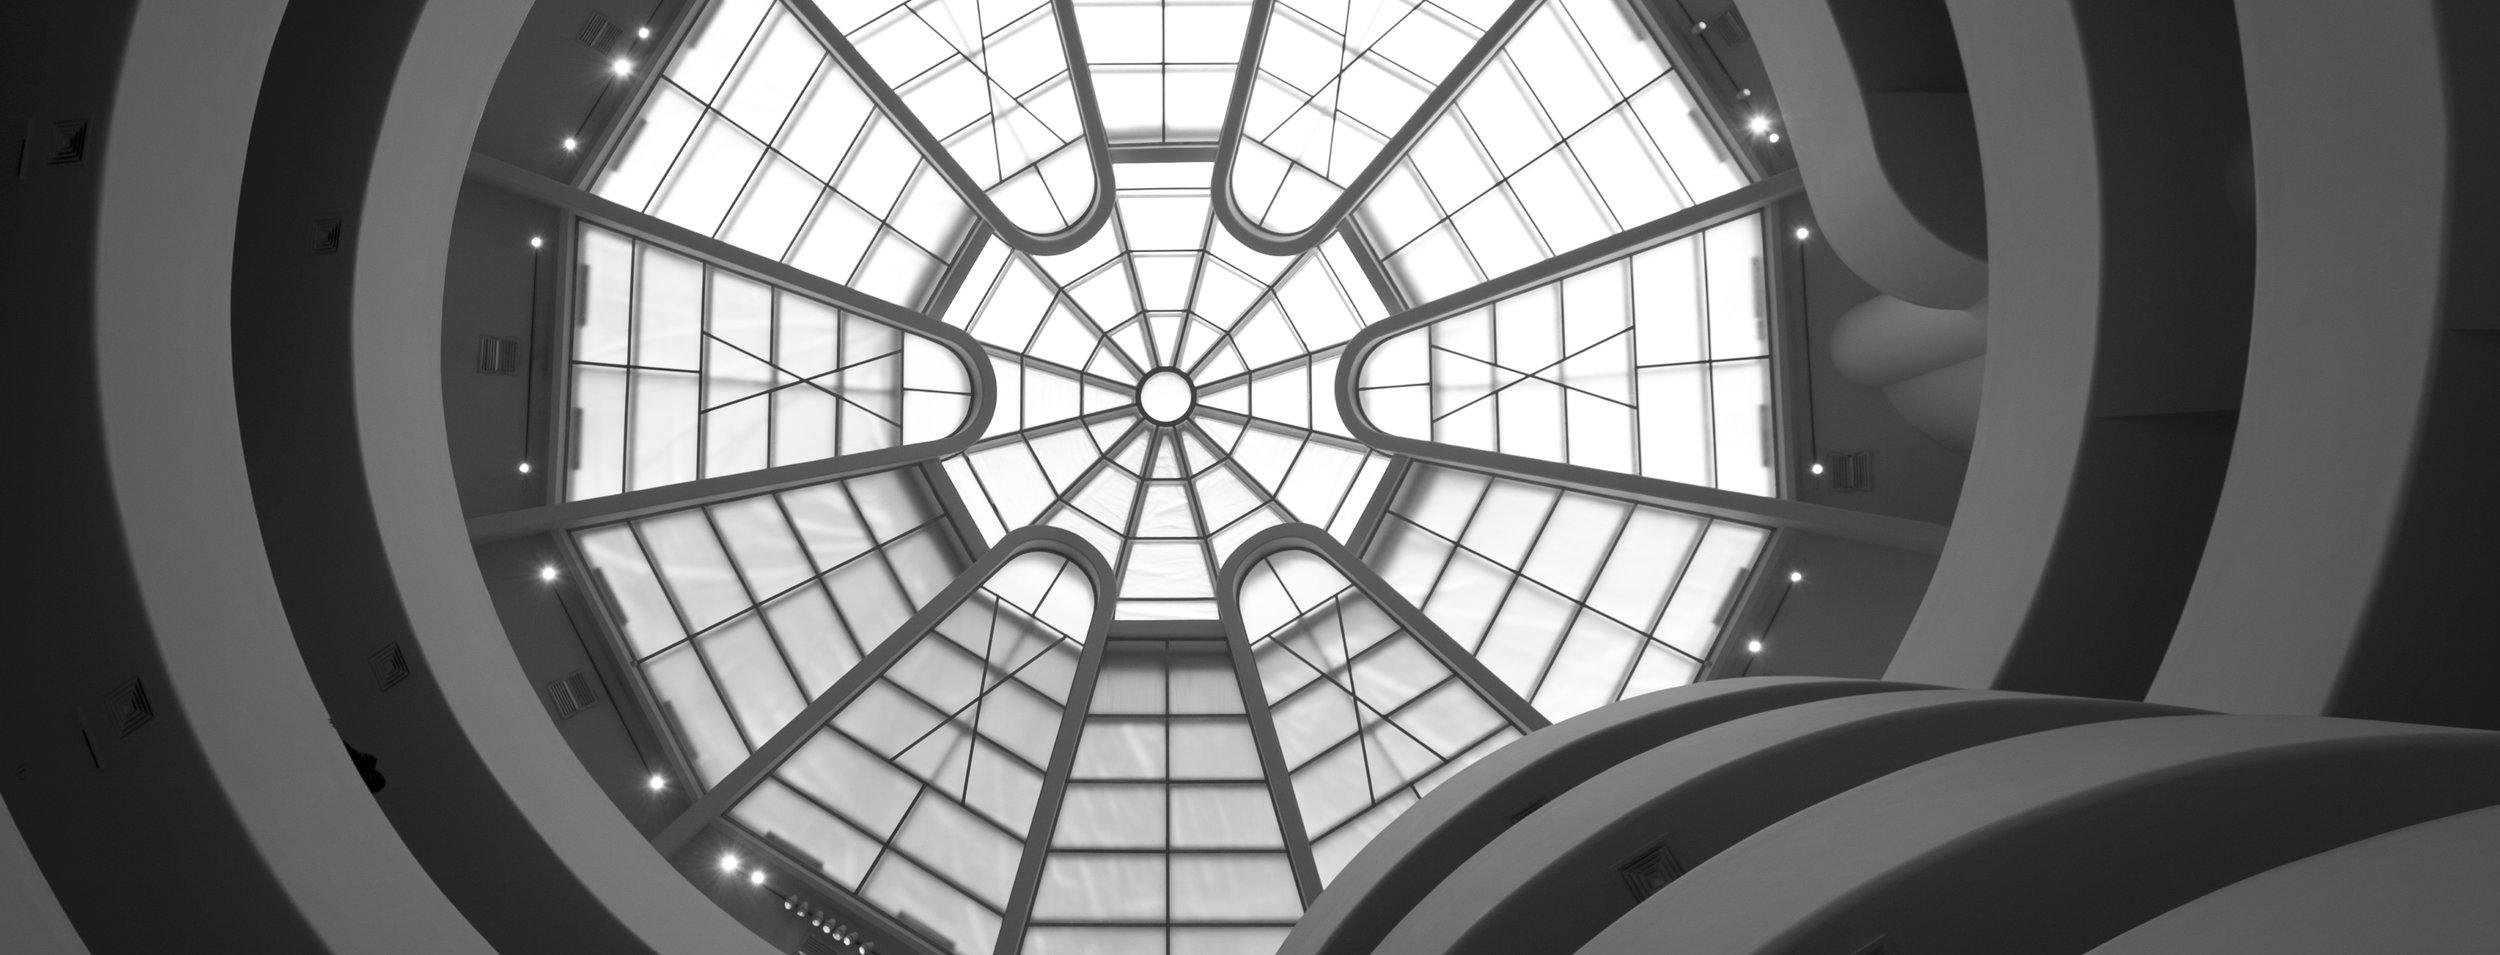 Rotunda, Guggenheim_2793_9 March 2014.jpg